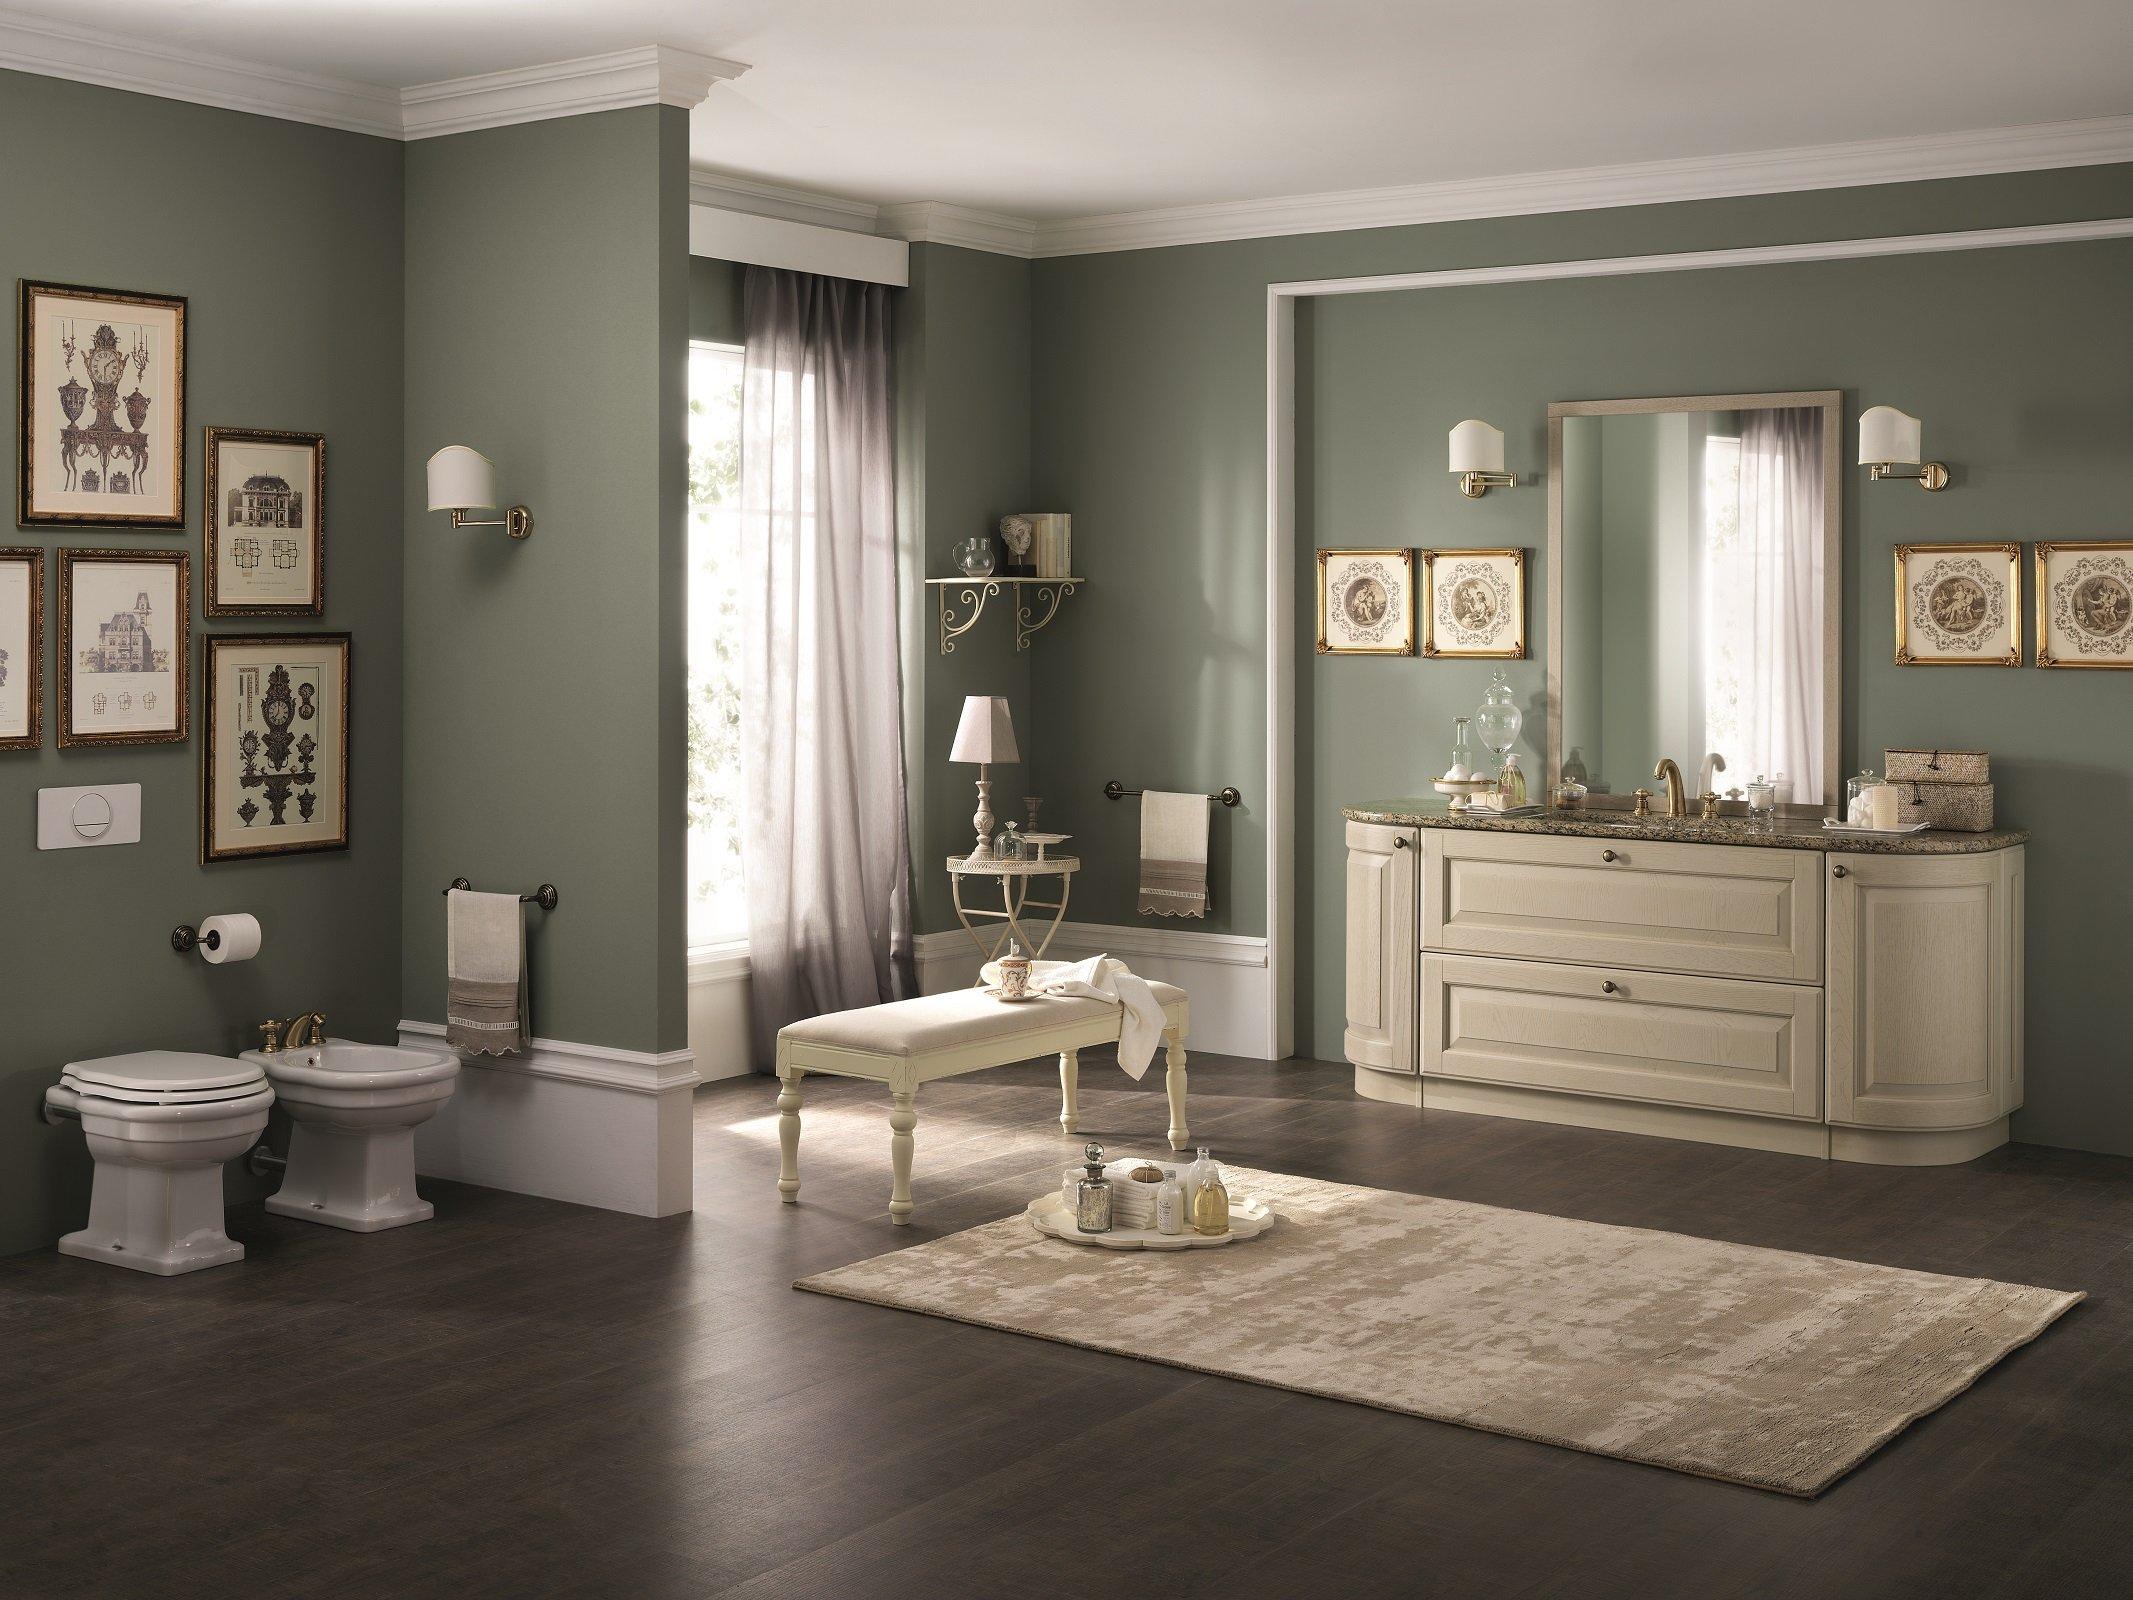 I lavabi e i sanitari per il bagno in stile classico e retrò